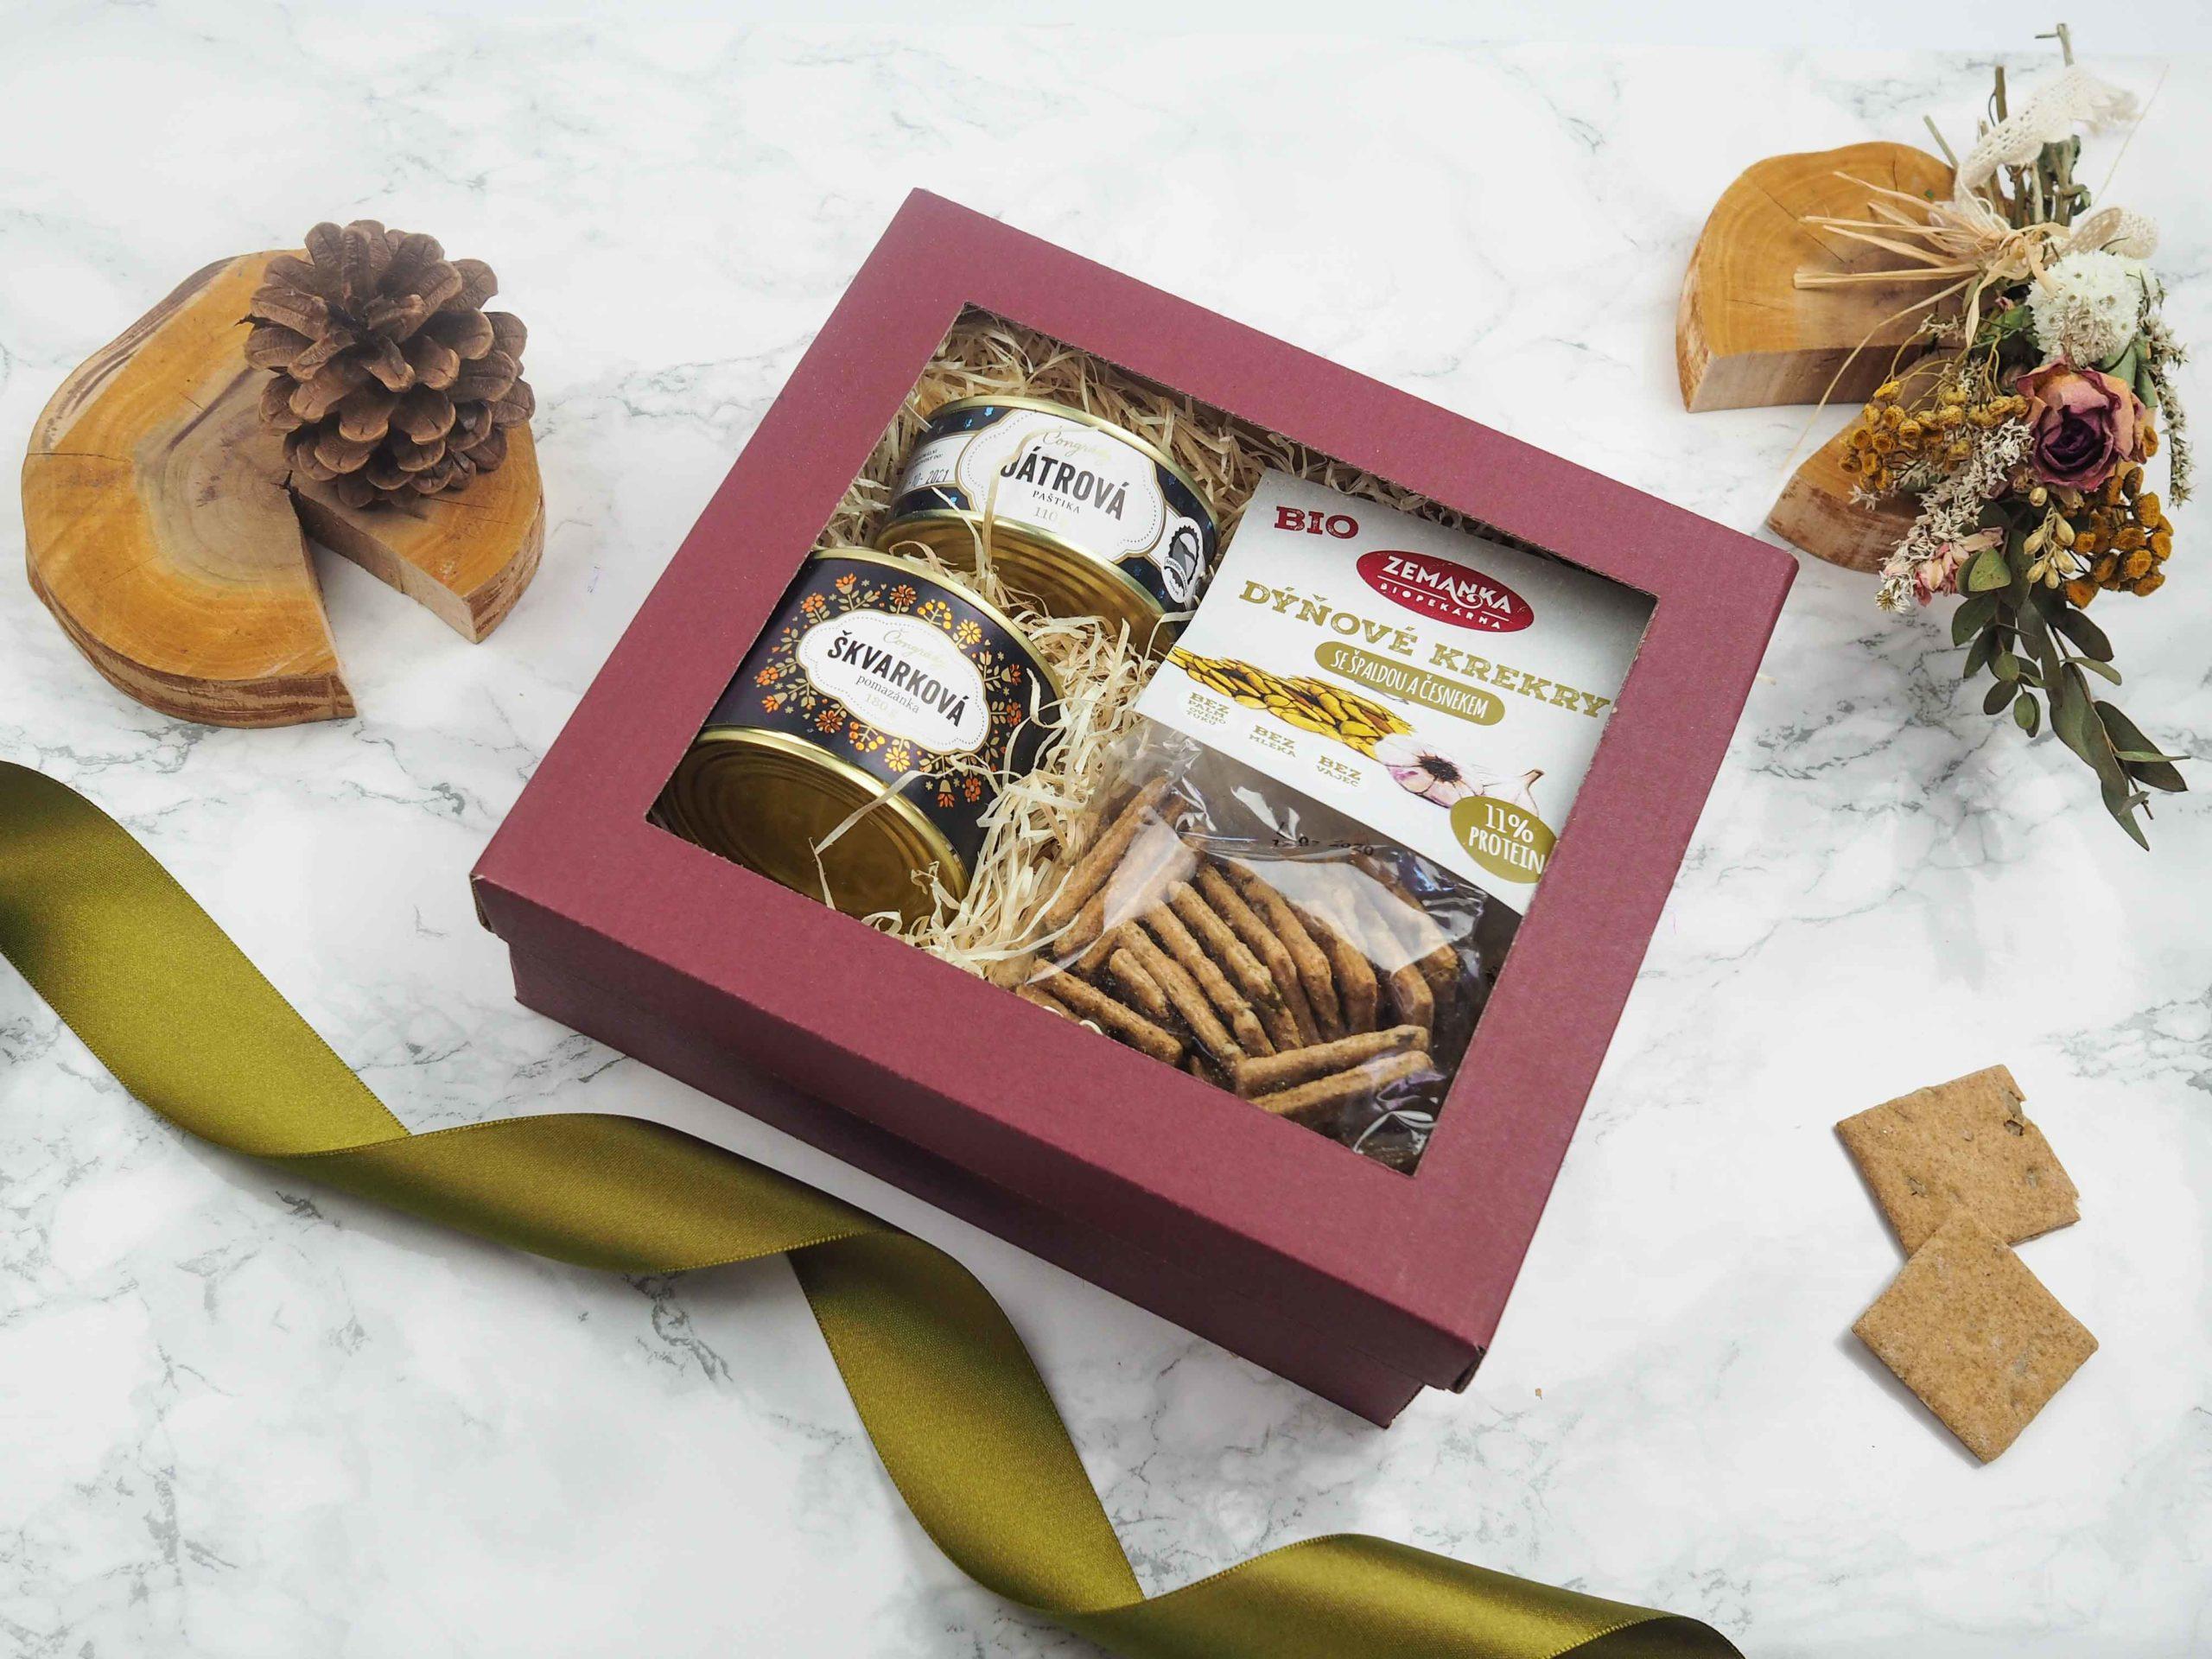 Dárková krabička Venkovská chuť